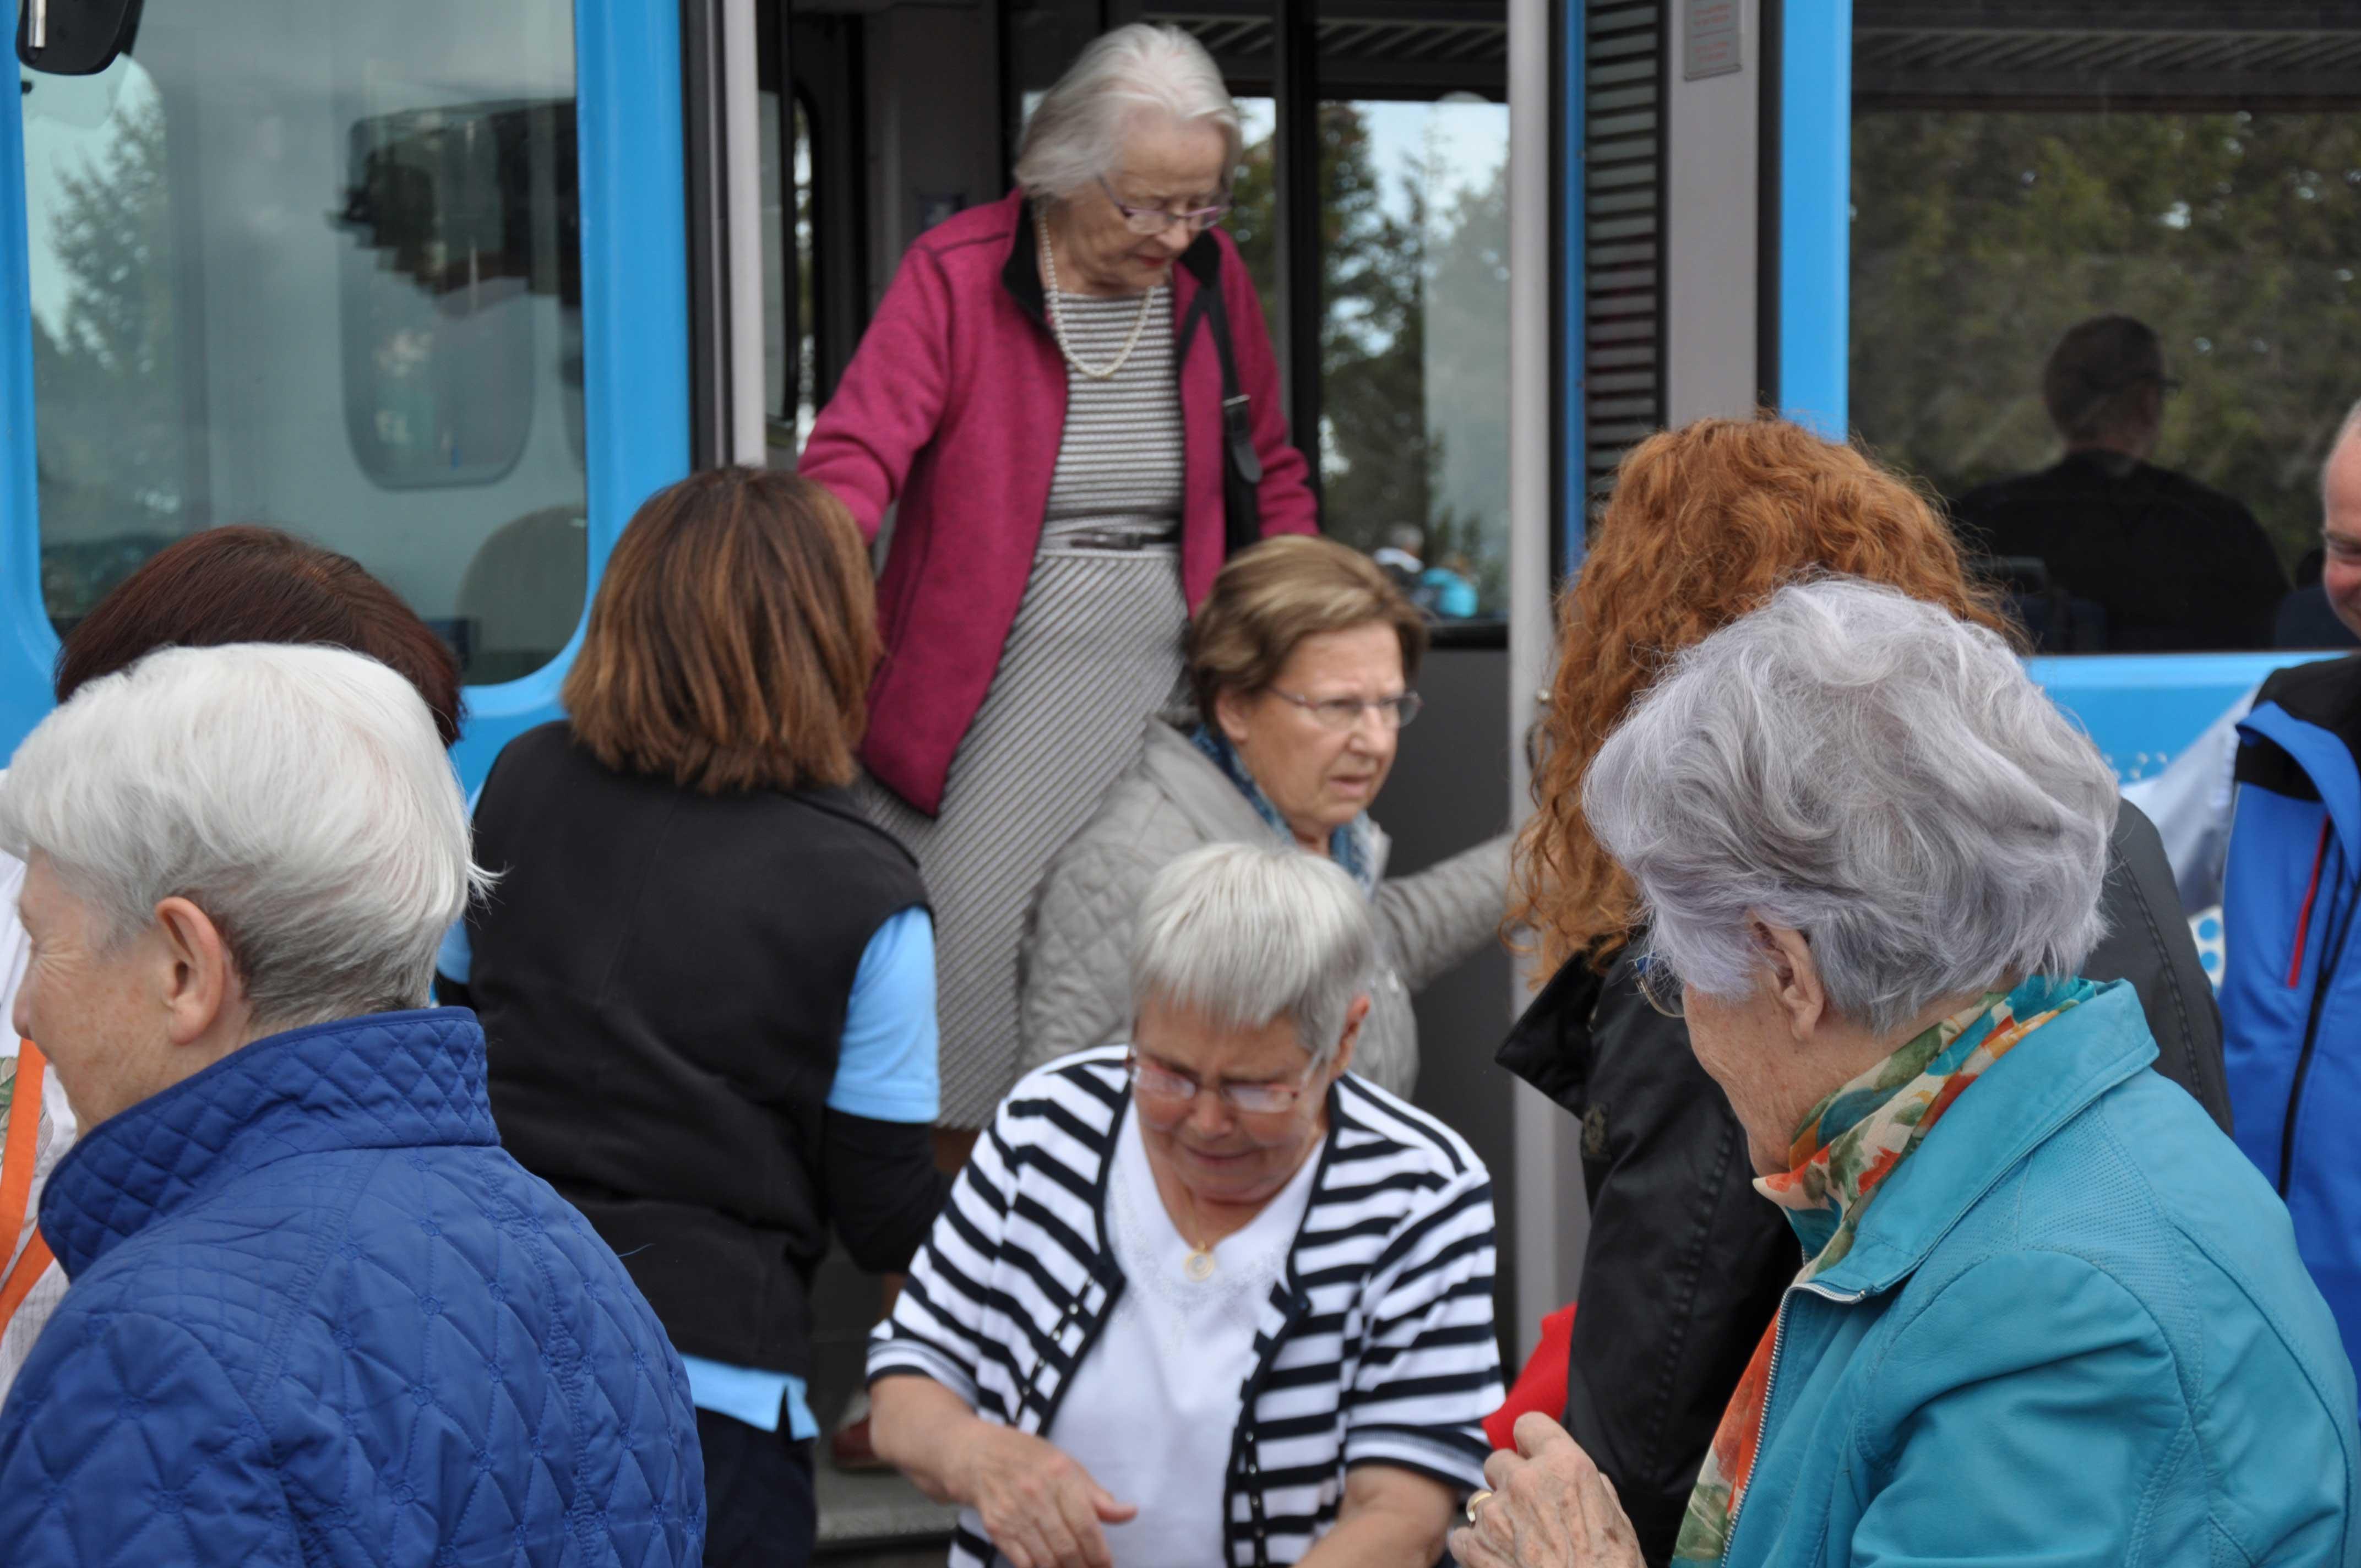 Senioren-Muttertag: Hilfe beim Ausstieg aus Zahnradbahn